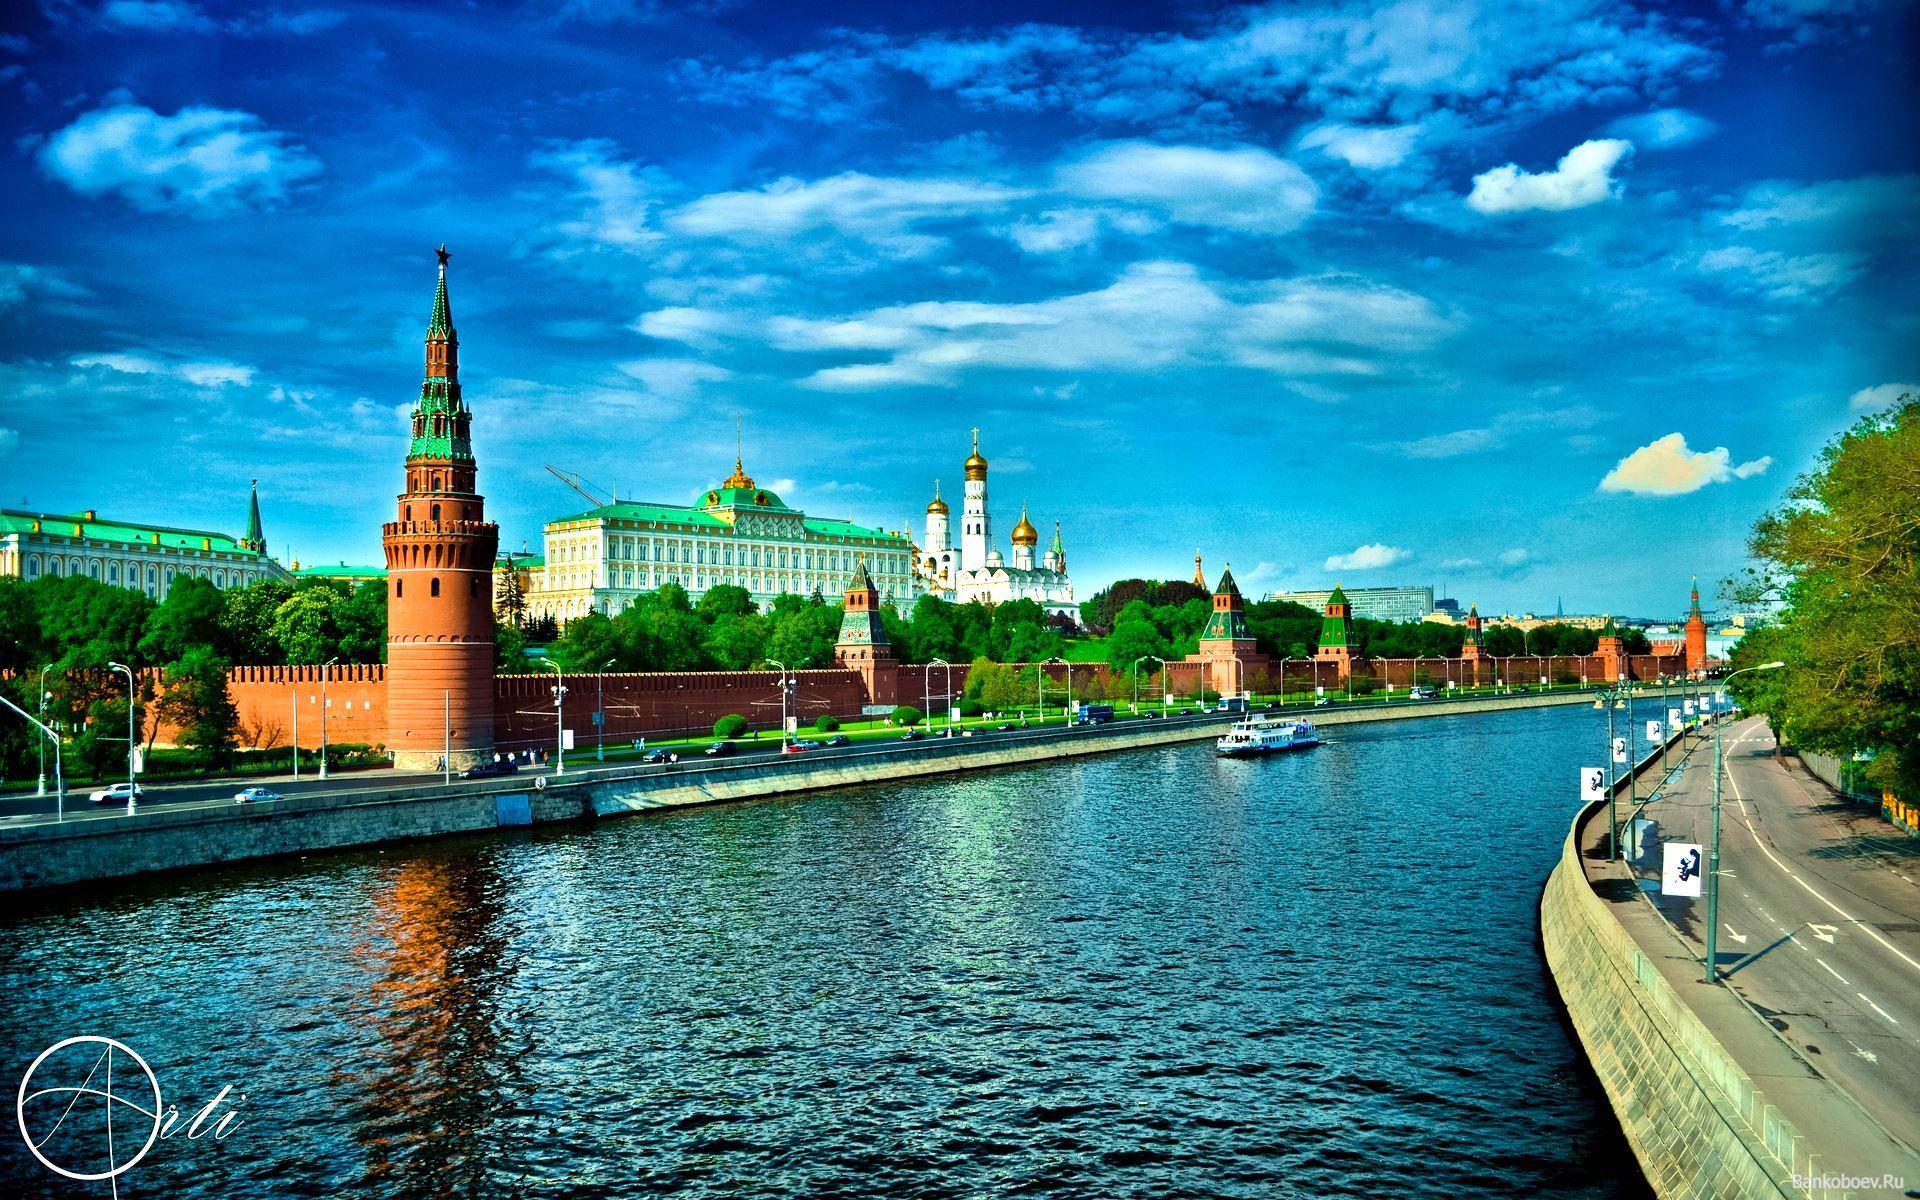 Картинки города москвы для презентации, картинки статусе днем